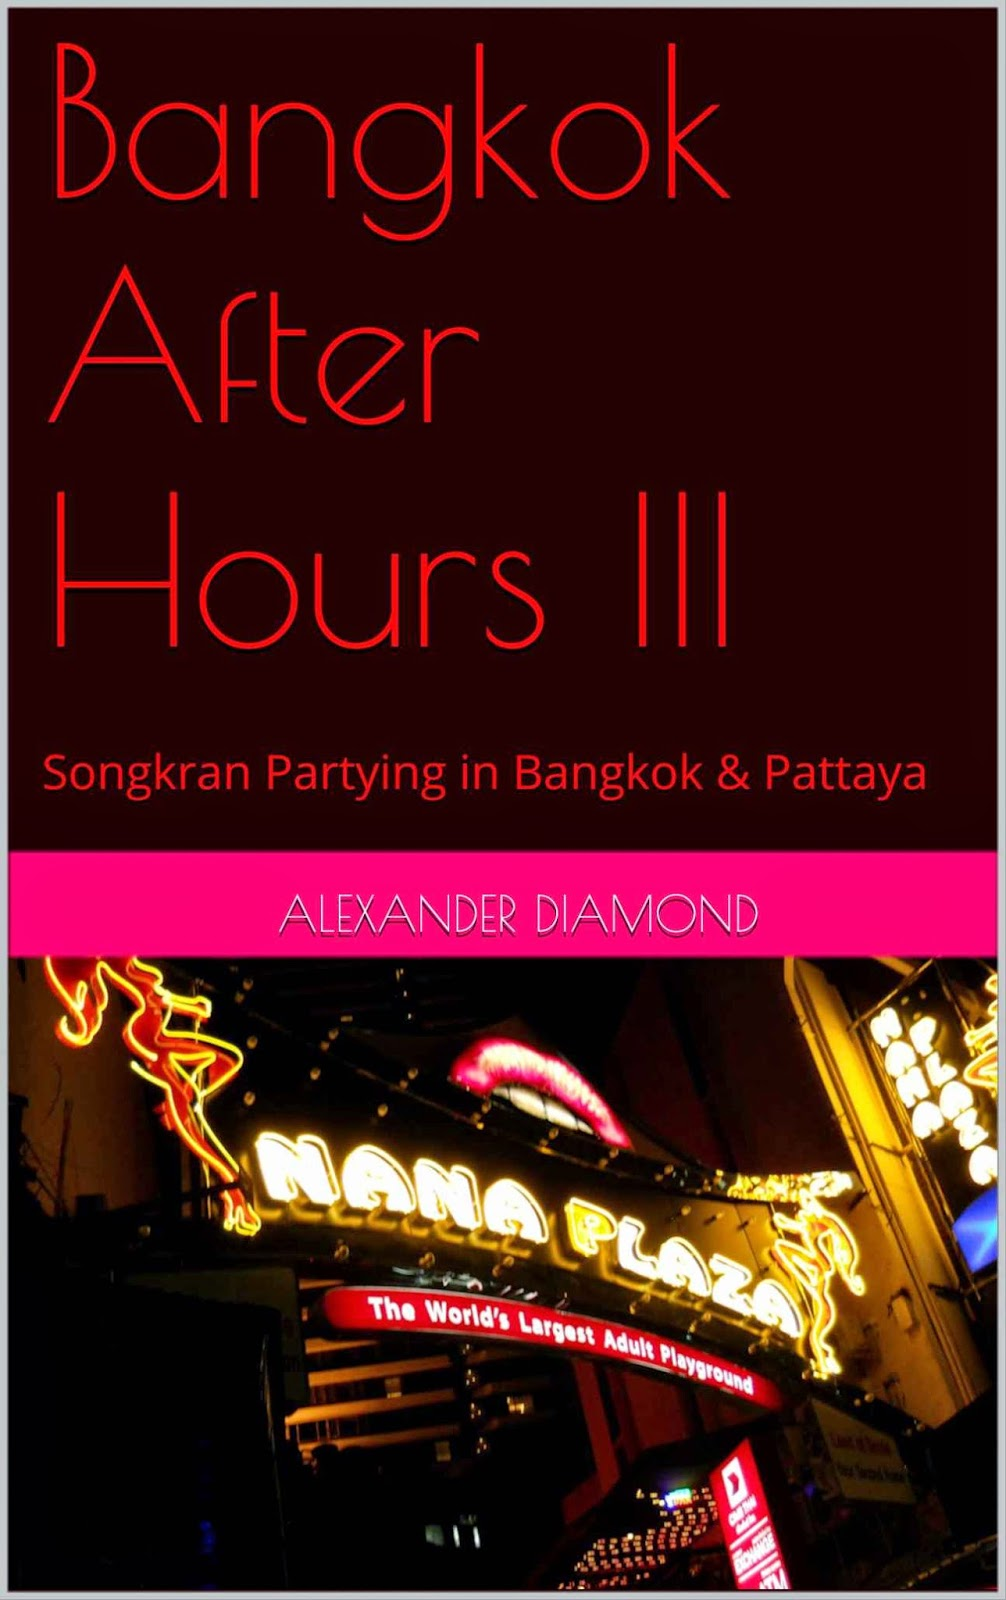 http://www.amazon.com/Bangkok-After-Hours-III-Songkran-ebook/dp/B00KR2T8GI/ref=sr_1_1?s=digital-text&ie=UTF8&qid=1404052155&sr=1-1&keywords=bangkok+after+hours+III